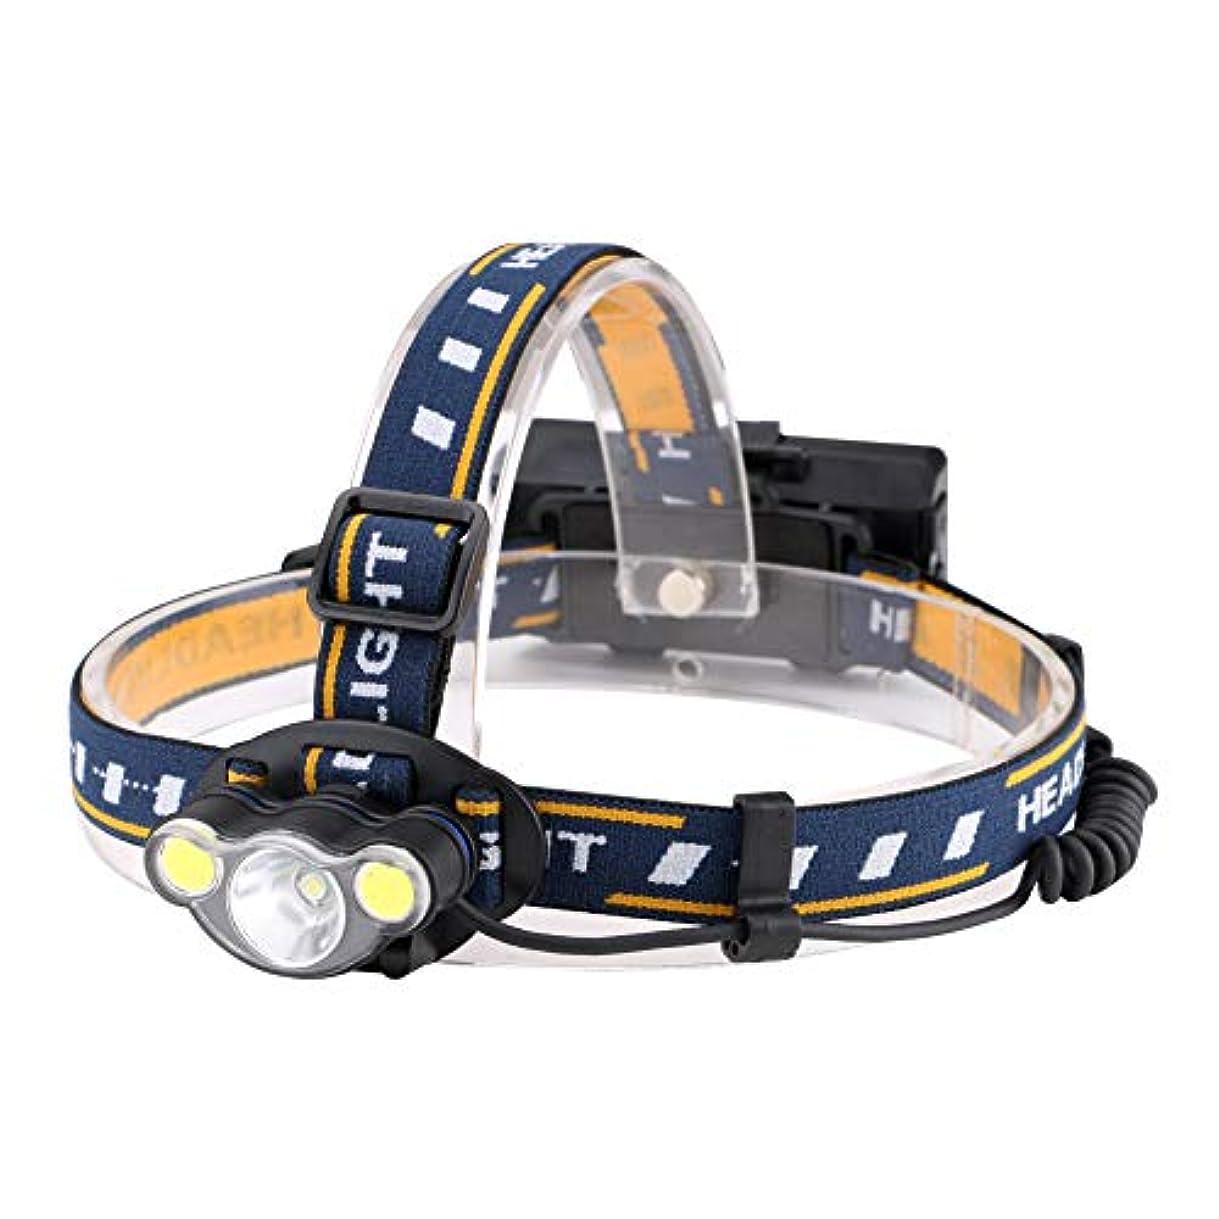 禁止起きろ実行する発信スタイルの楽しみサイクリングキャンプ用LED + COBヘッドランプヘッドライト充電式ライトUSBケーブル